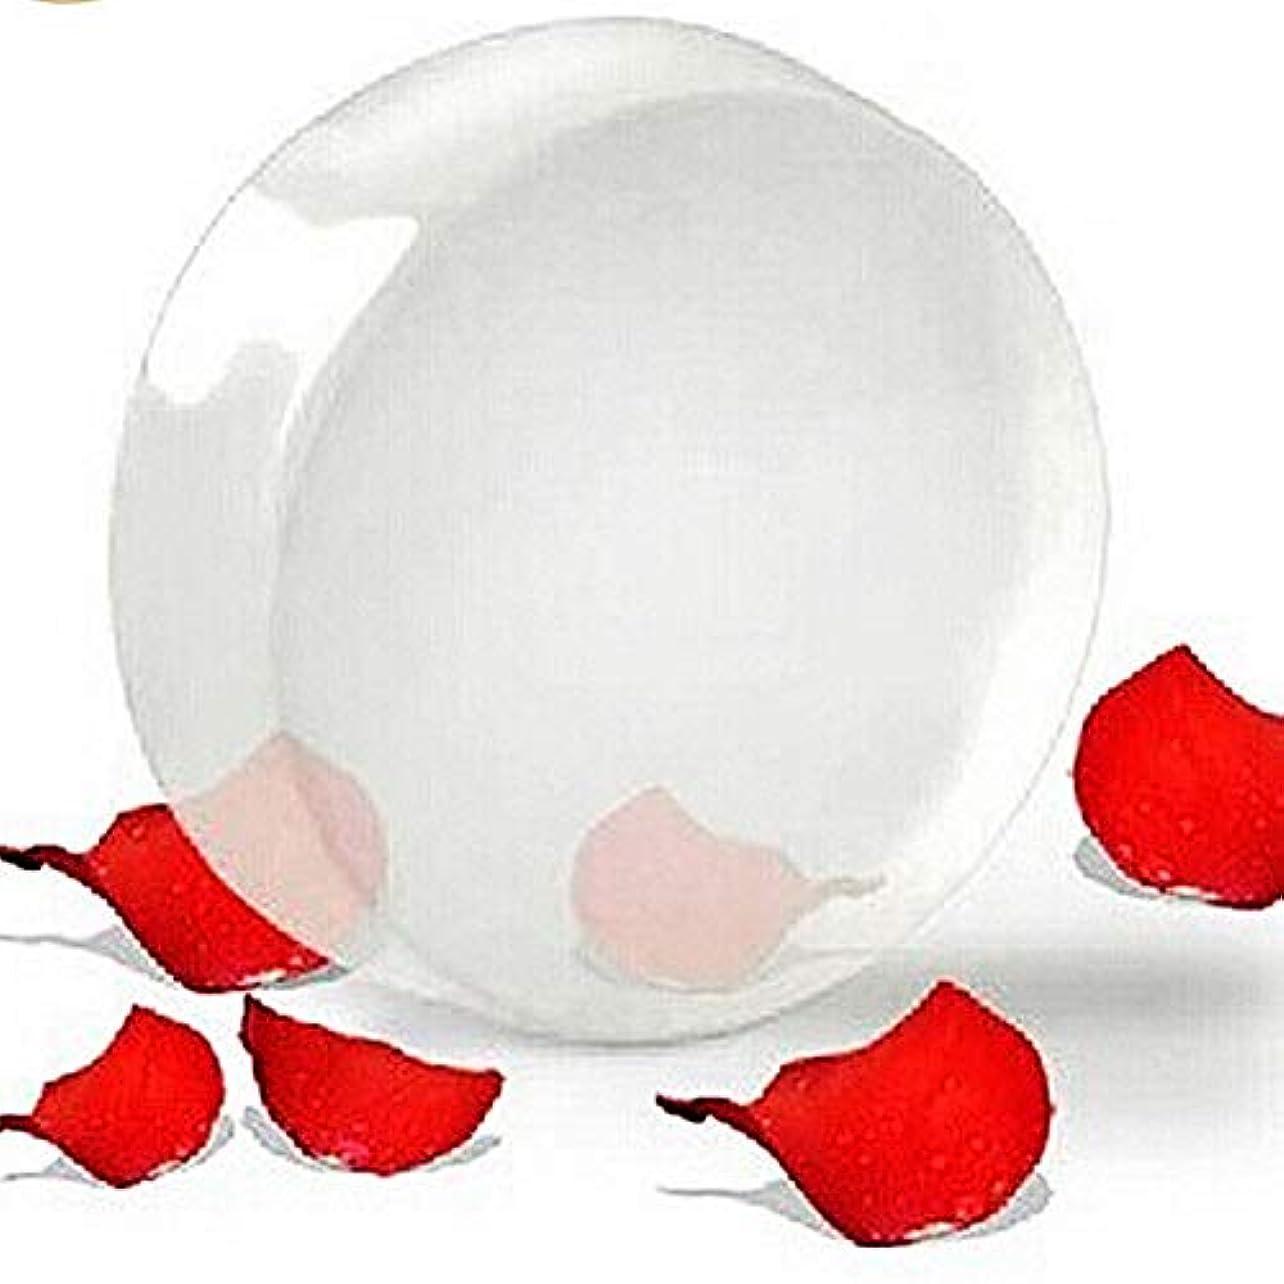 セミナー取り付け電球RedPegせっけんクリスタル乳首親密なプライベート漂白唇スキンボディピンクホワイトニングアメージング